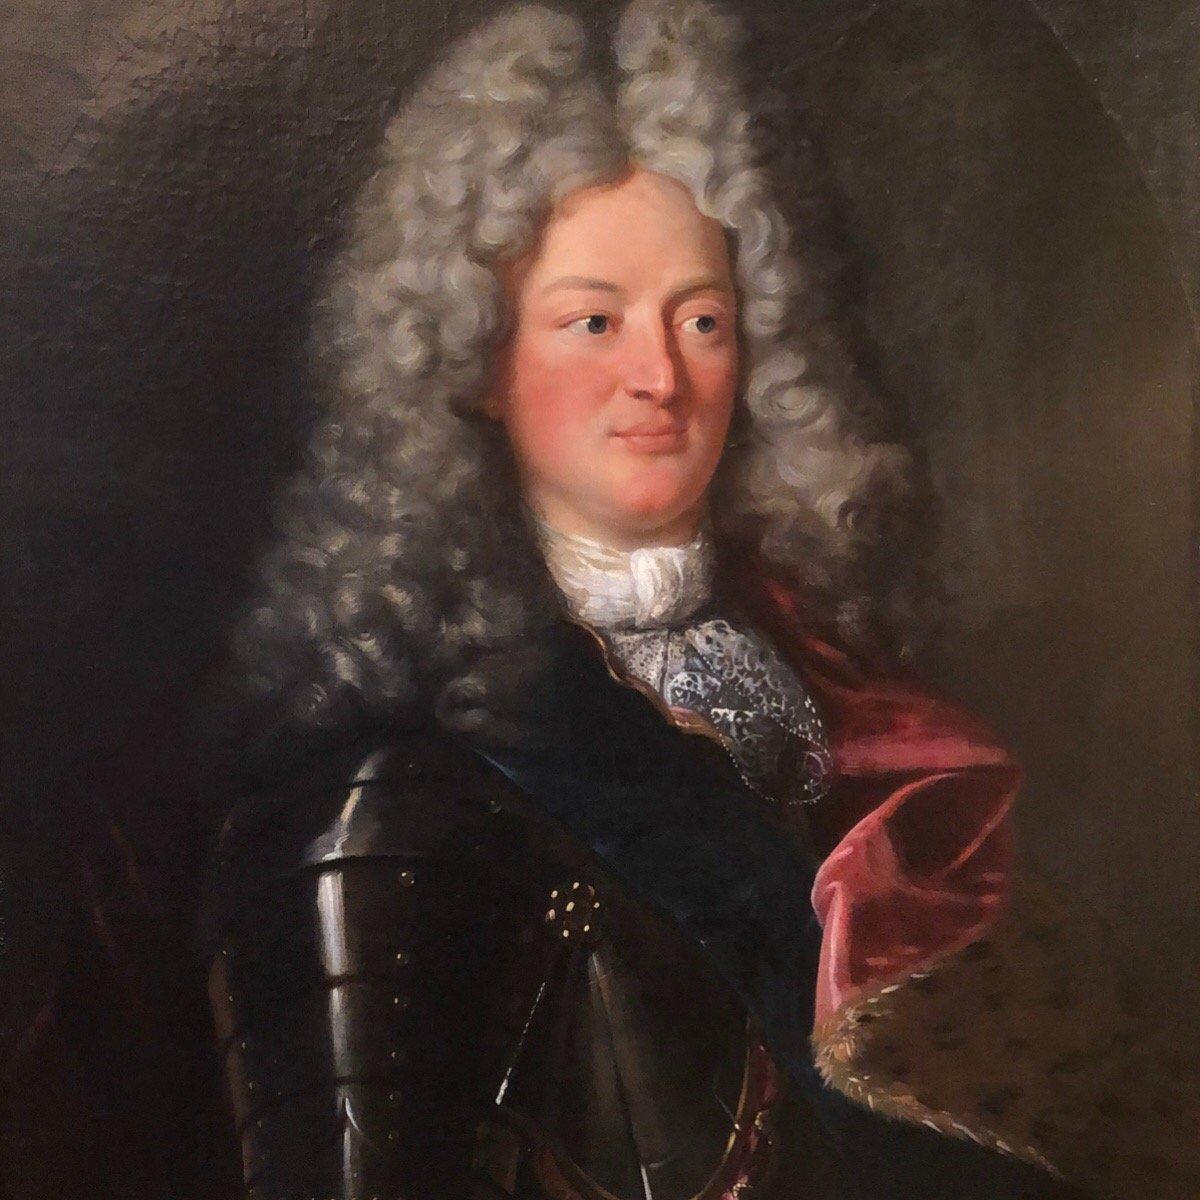 Louis de Bourbon, fils de Louis XIV et Madame de Montespan vers 1708. Epoque XVIIIè